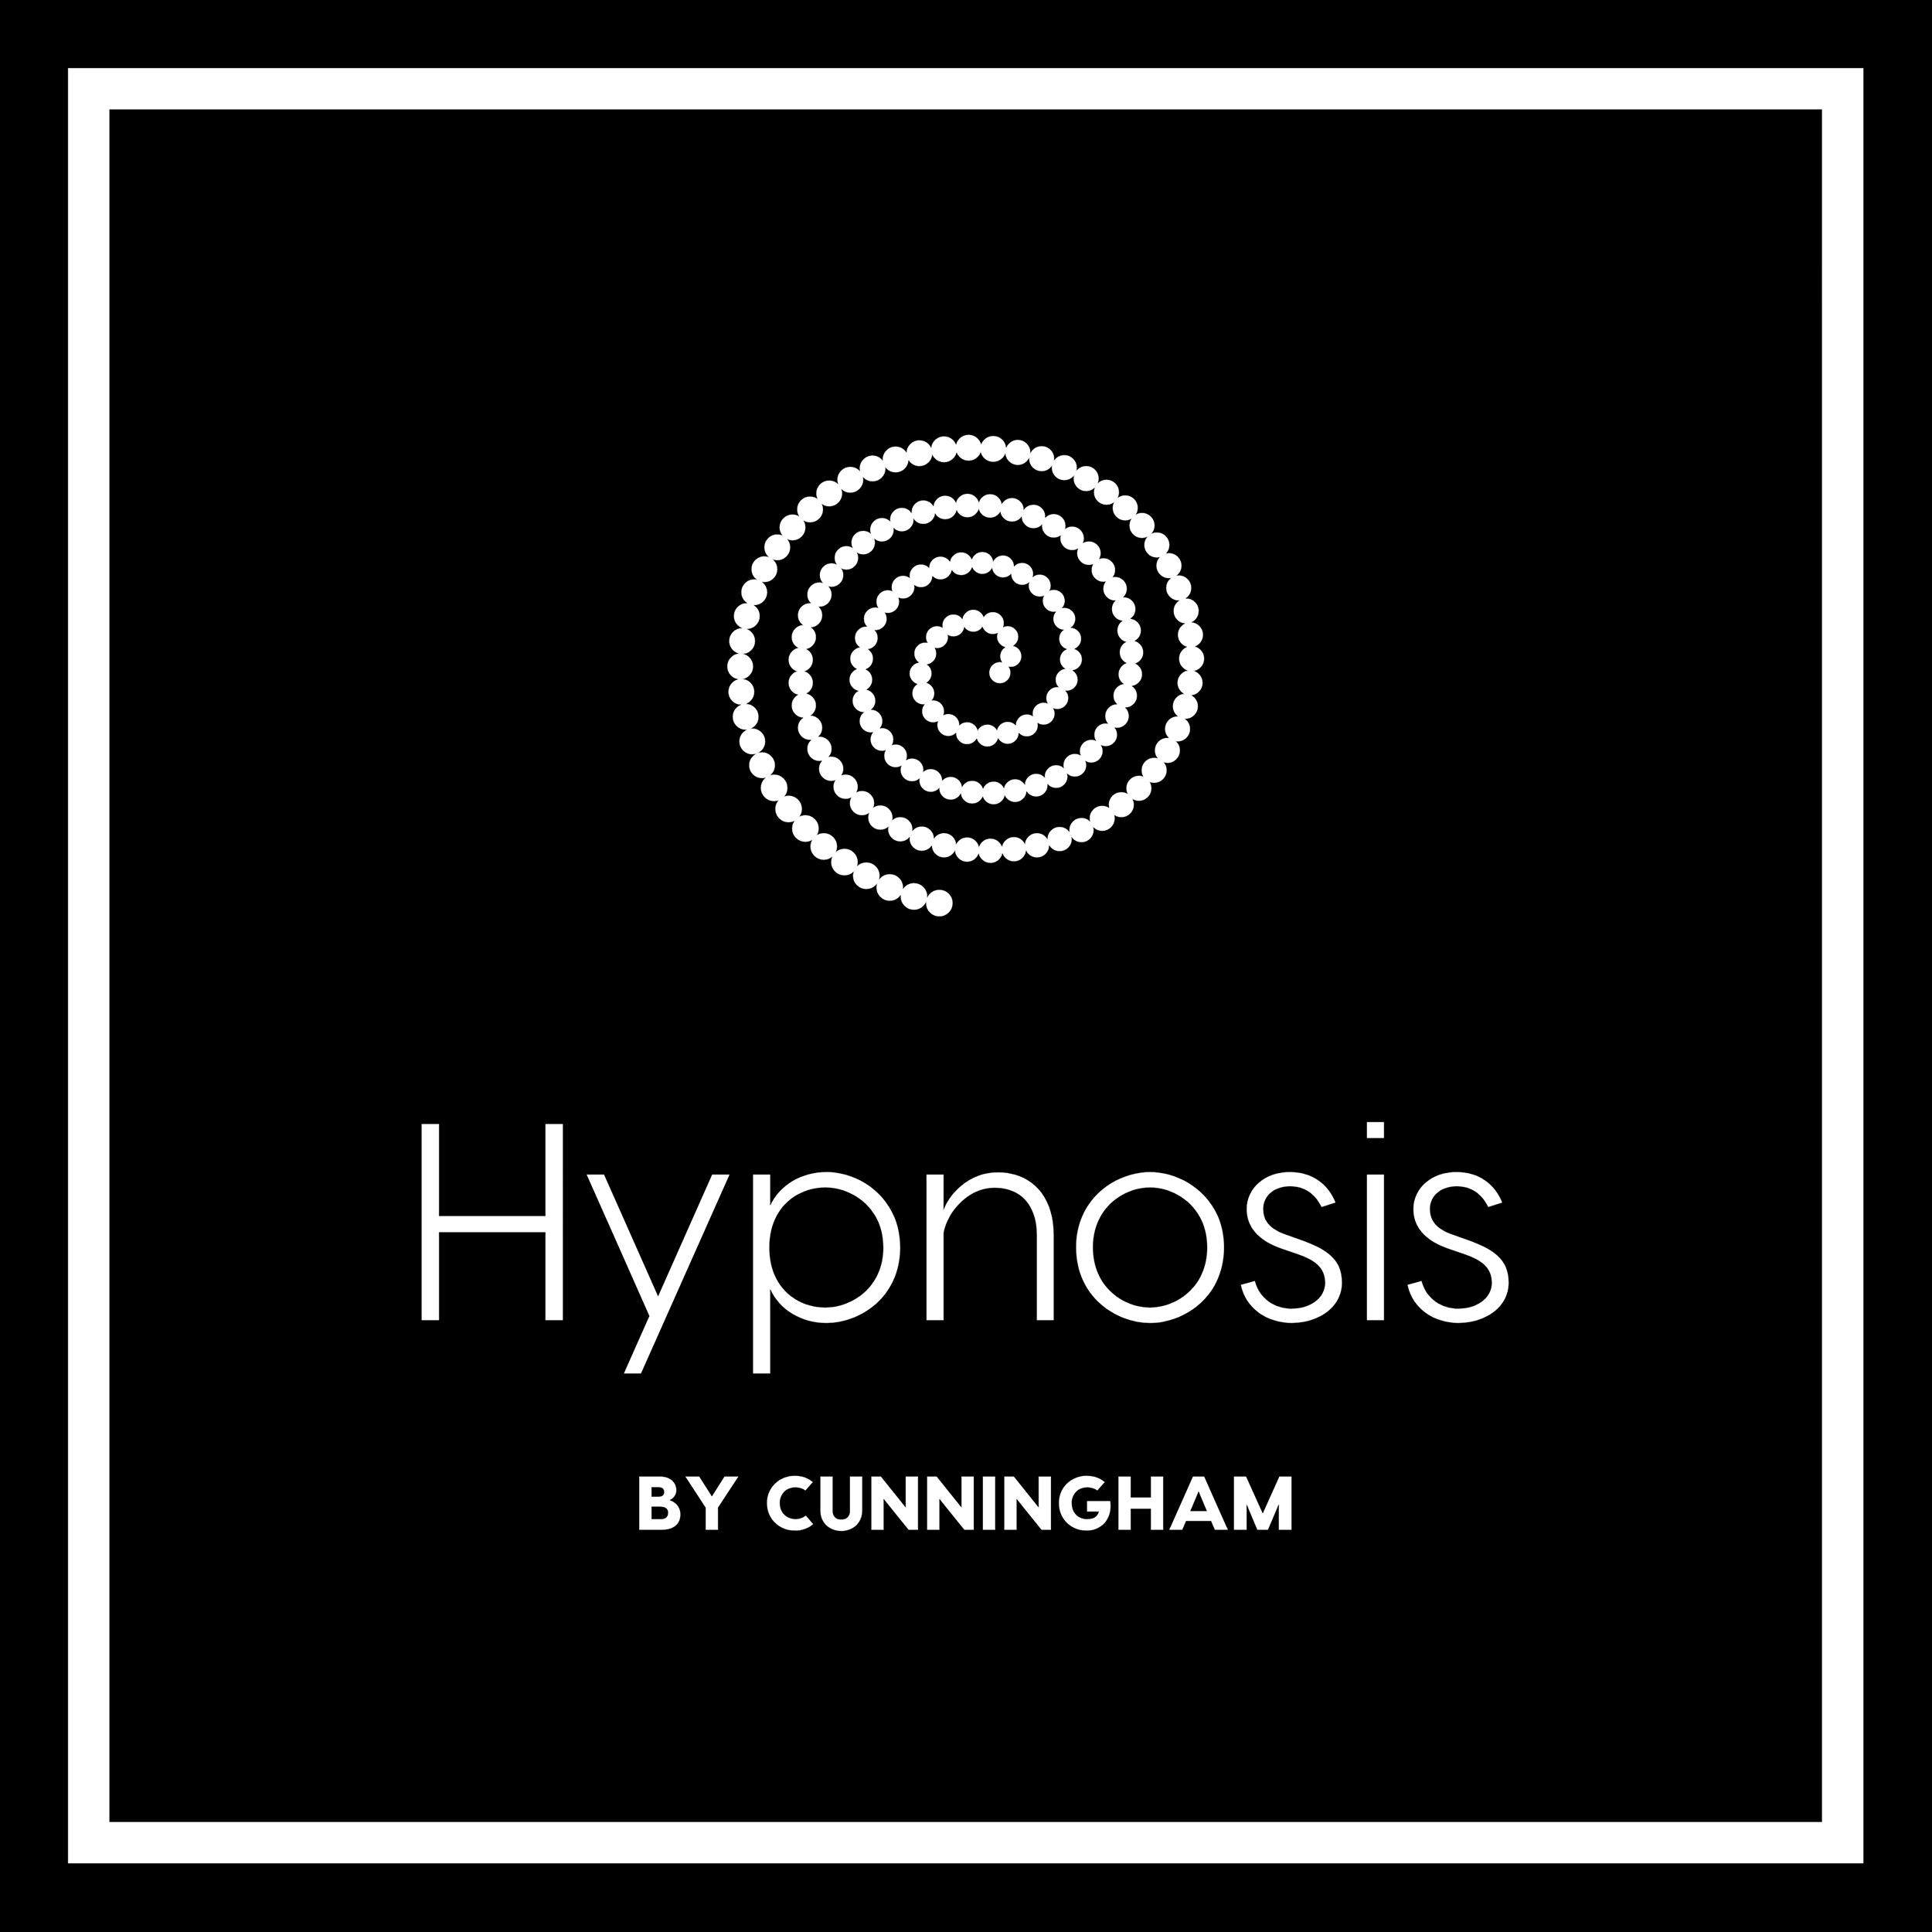 Hypnosis by Cunningham